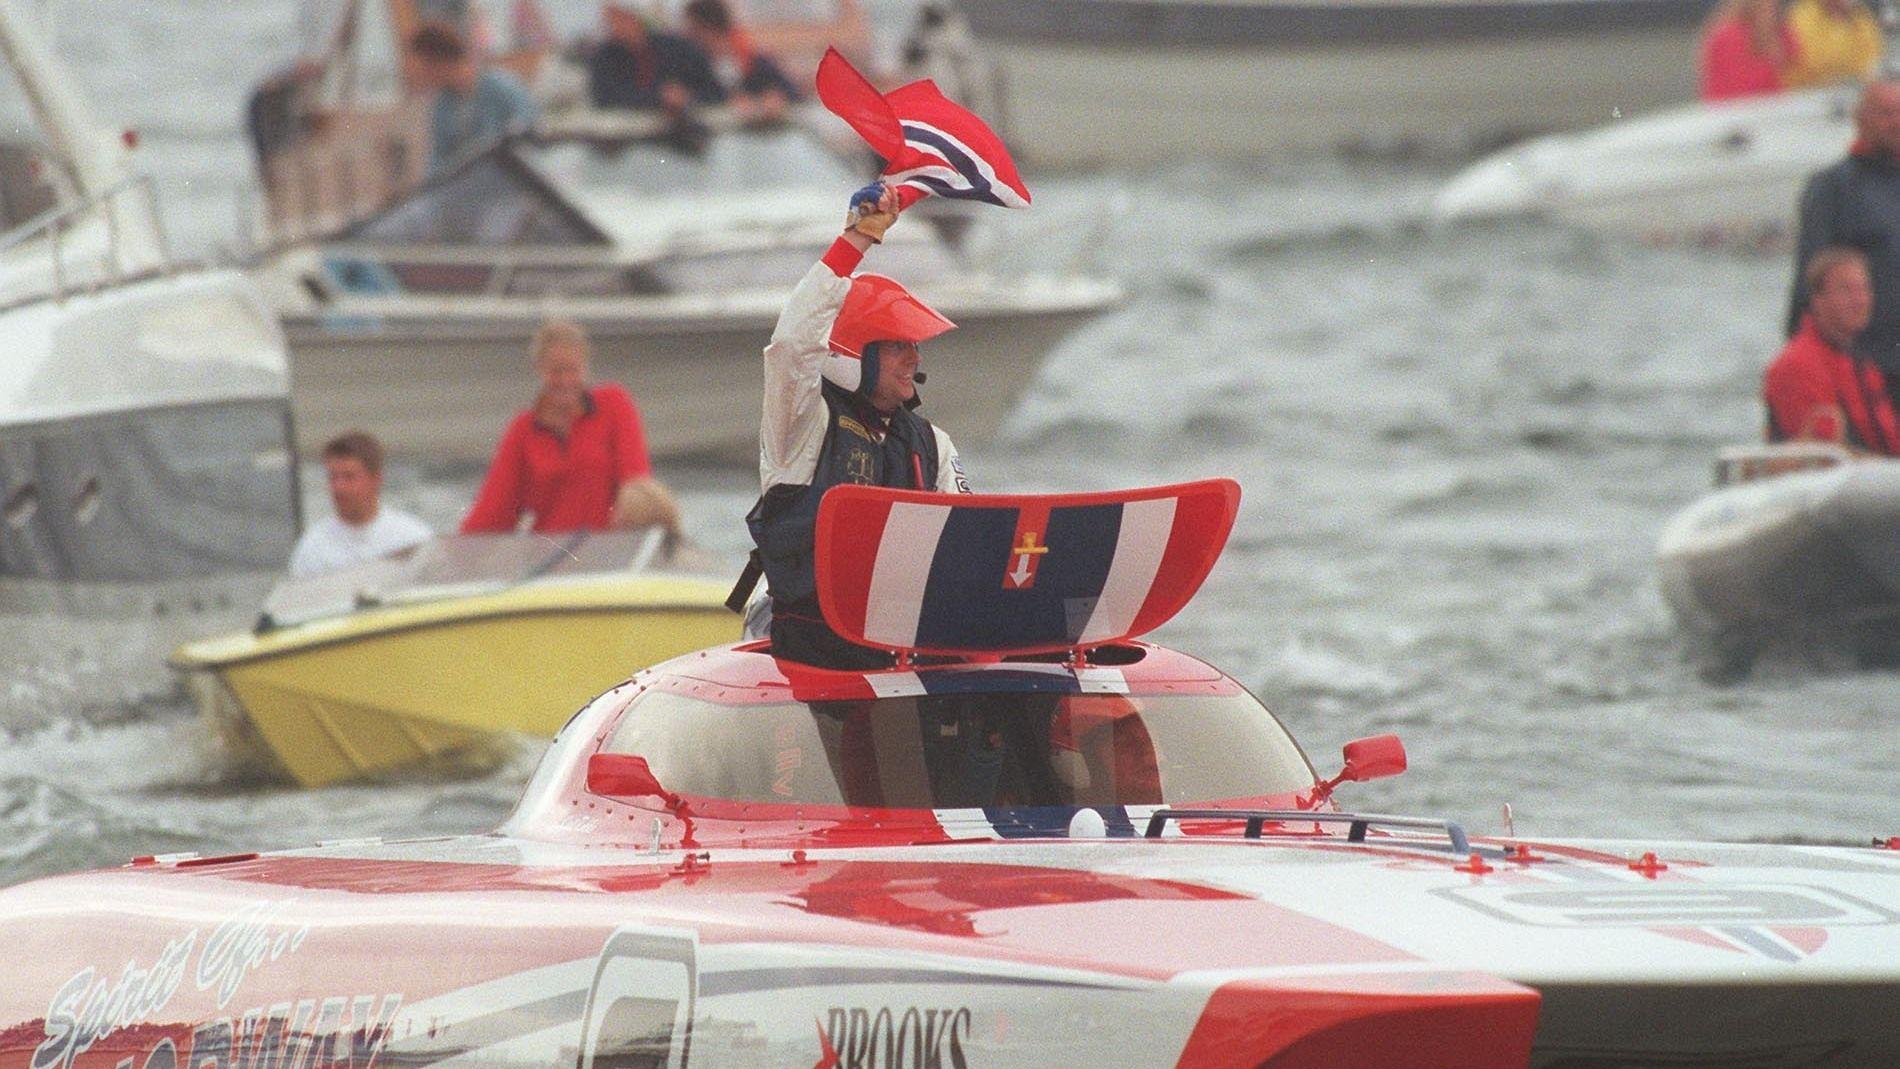 LIKER FART: Kjell Inge Røkke konkurrerte tidligere fremgangsrikt innen offshore båtracing. Her hever han det norske flagget etter å ha slått sine konkurrenter i Oslo Gold Cup i 1997.